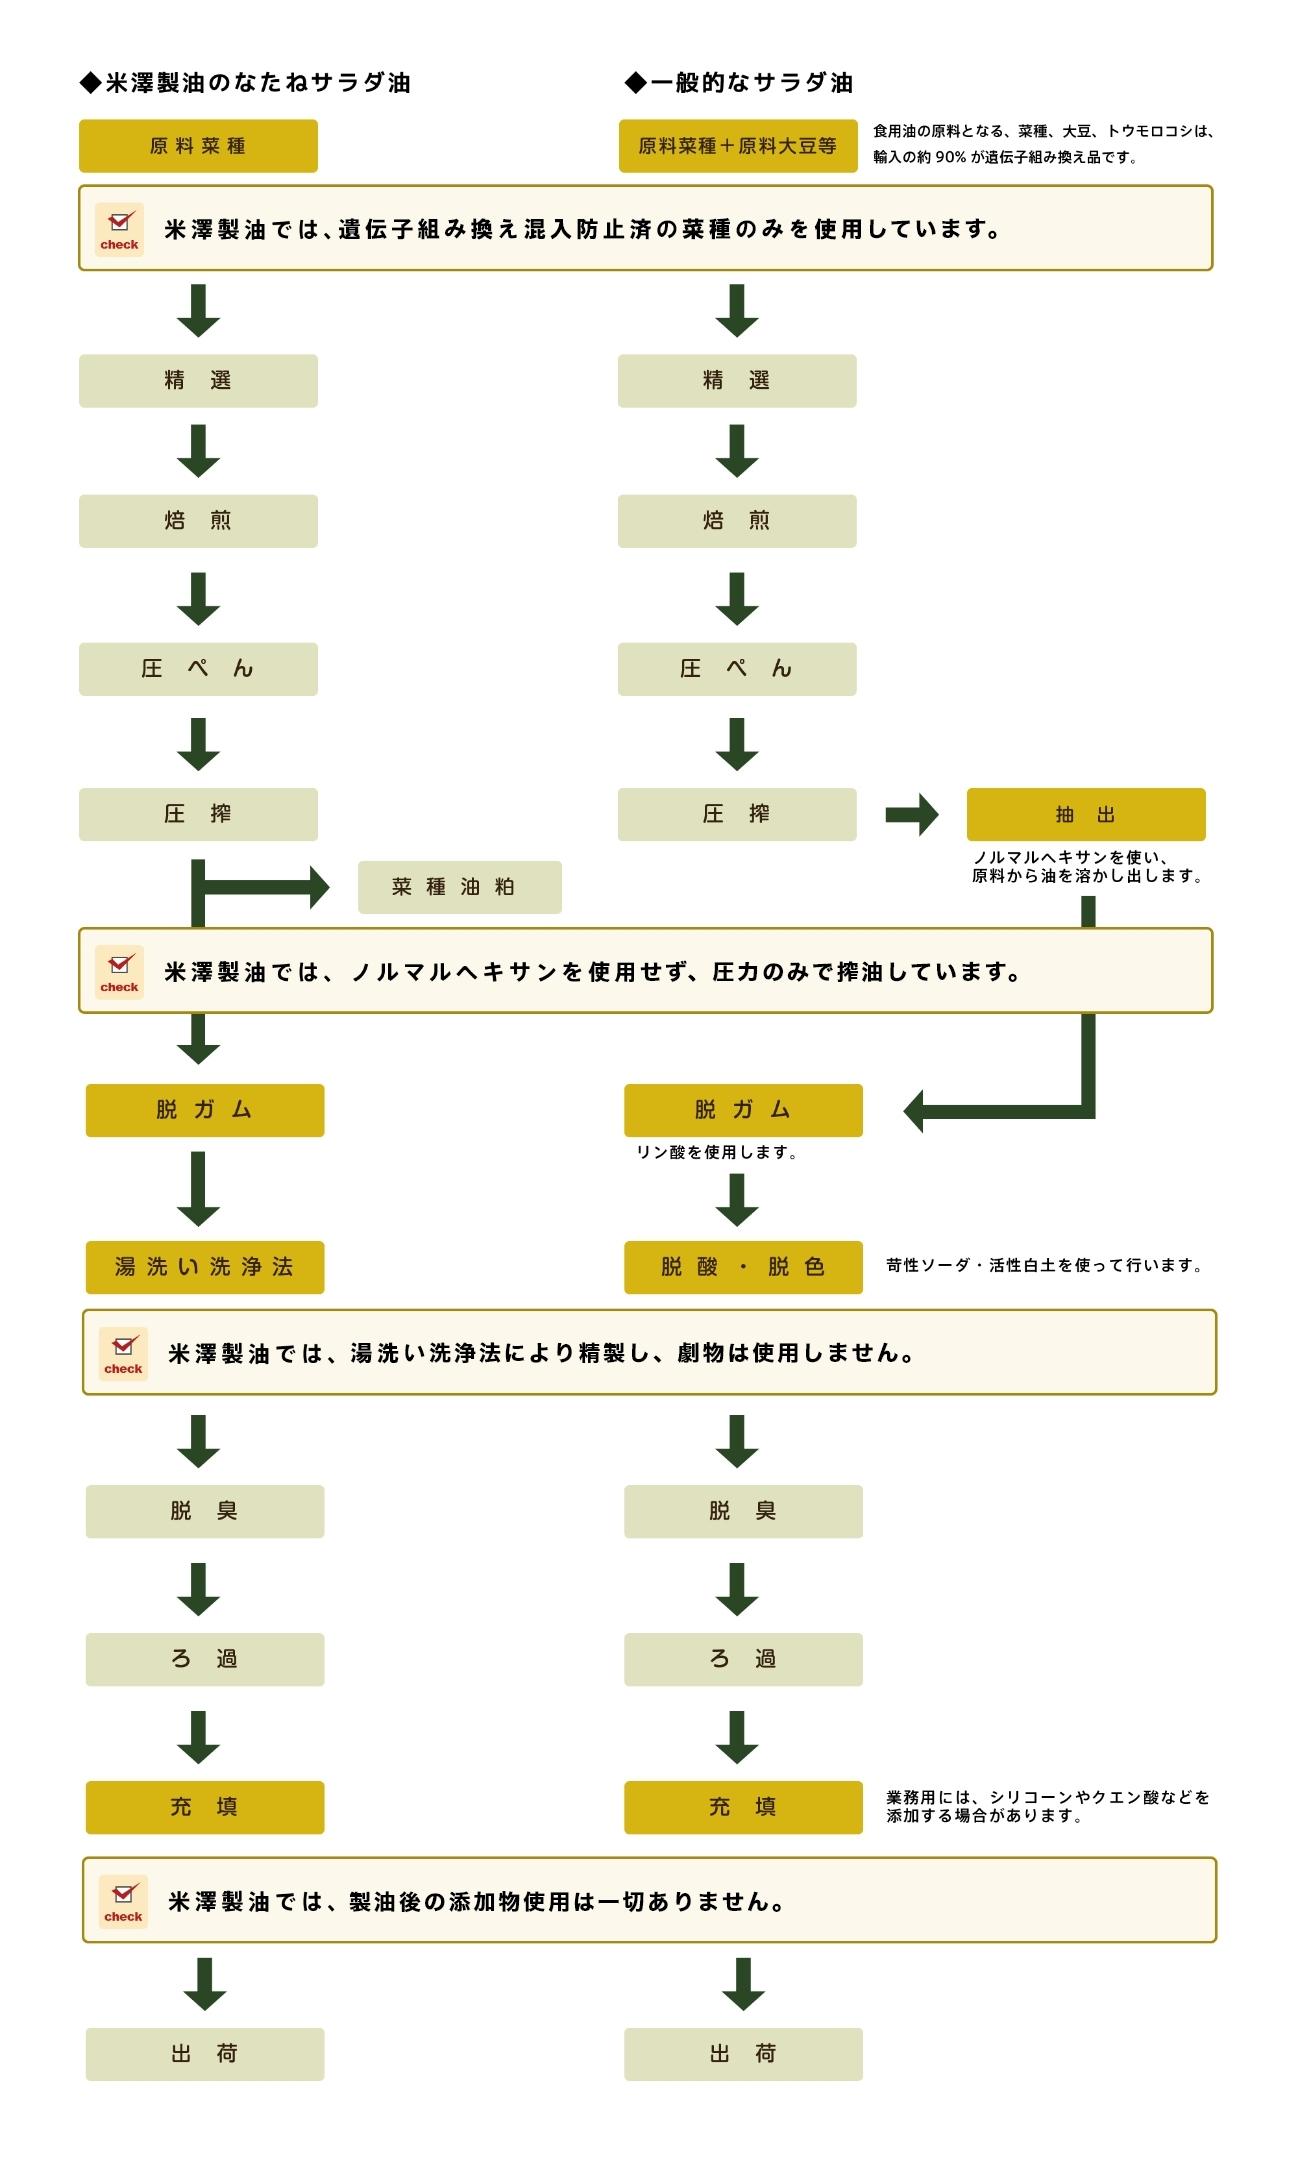 製造工程表